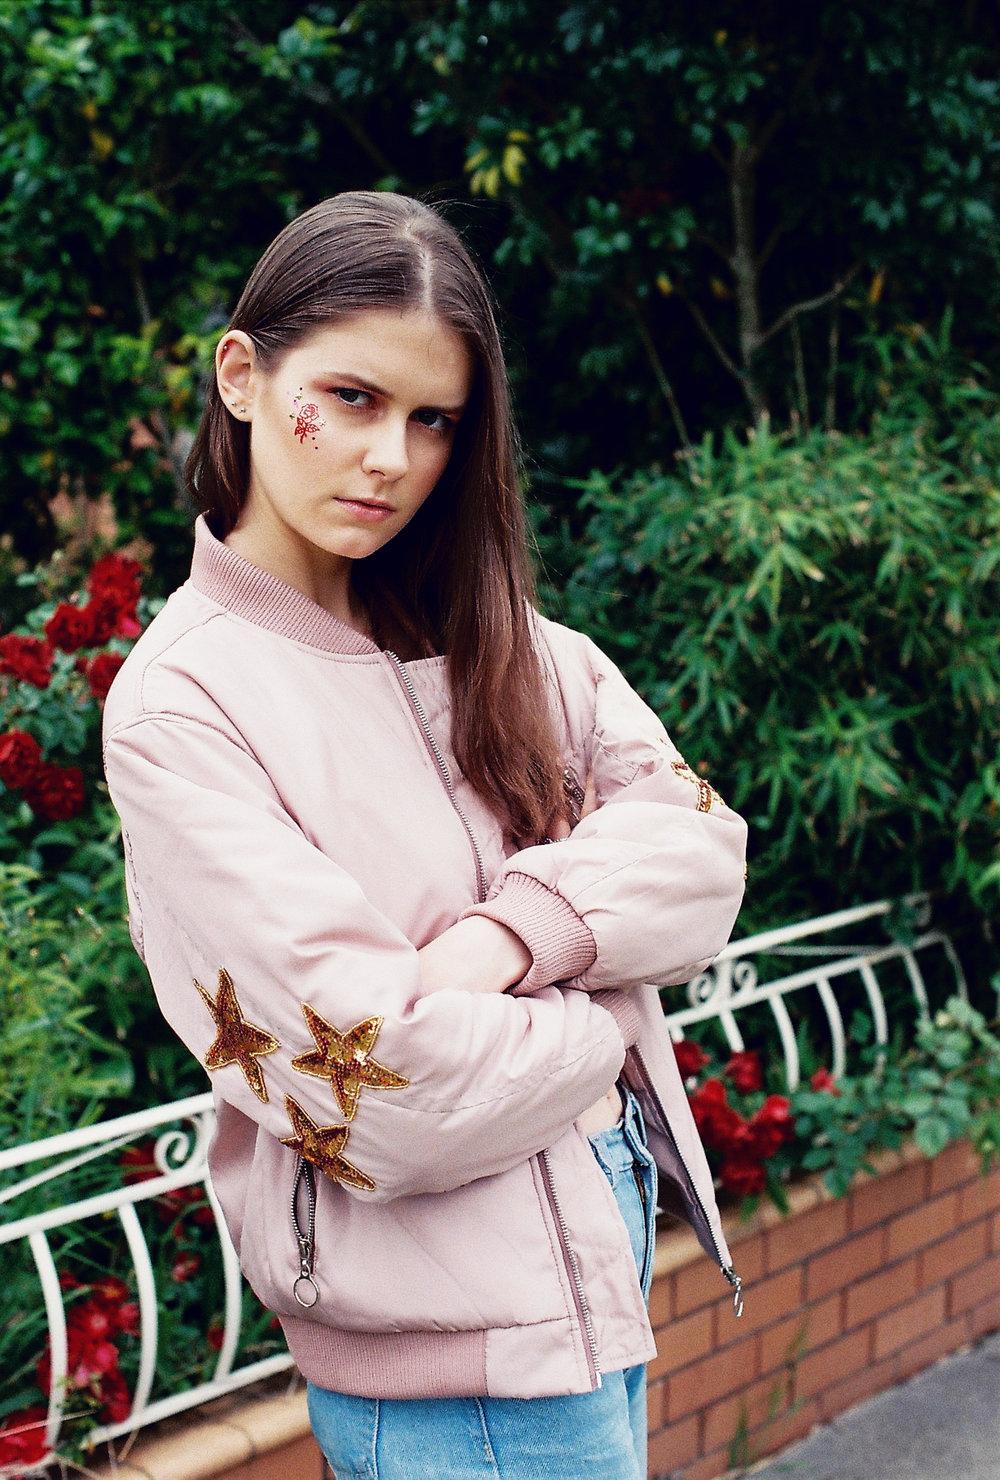 35mm_Roses_08.jpg